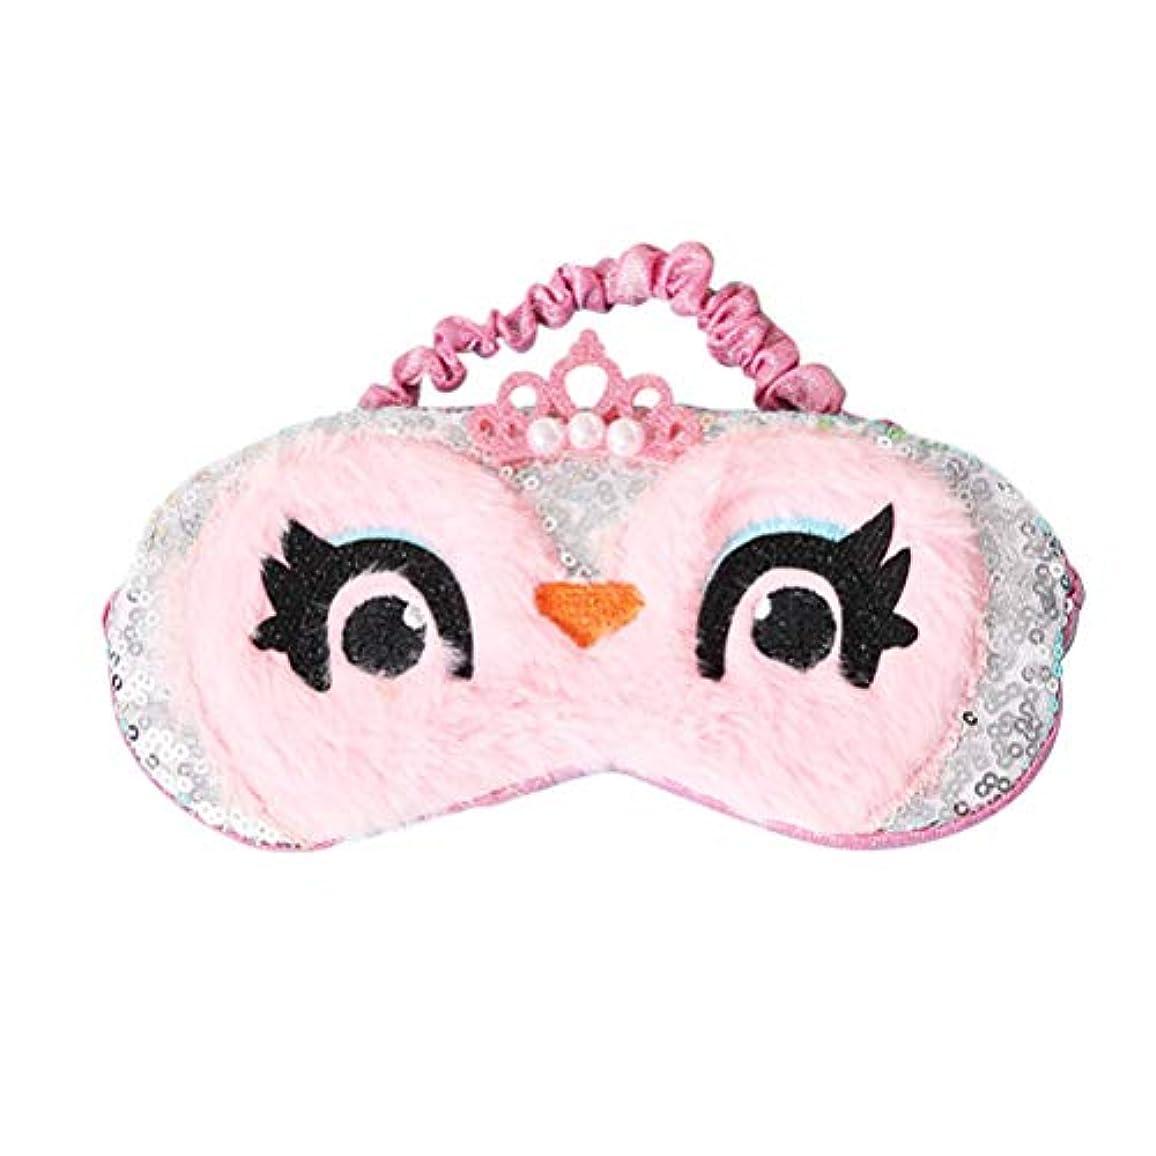 配当収縮輸送Healifty アイマスクかわいいぬいぐるみ目隠しアイカバー用女性女の子子供ホームベッド旅行フライトカーキャンプ用(ピンク)